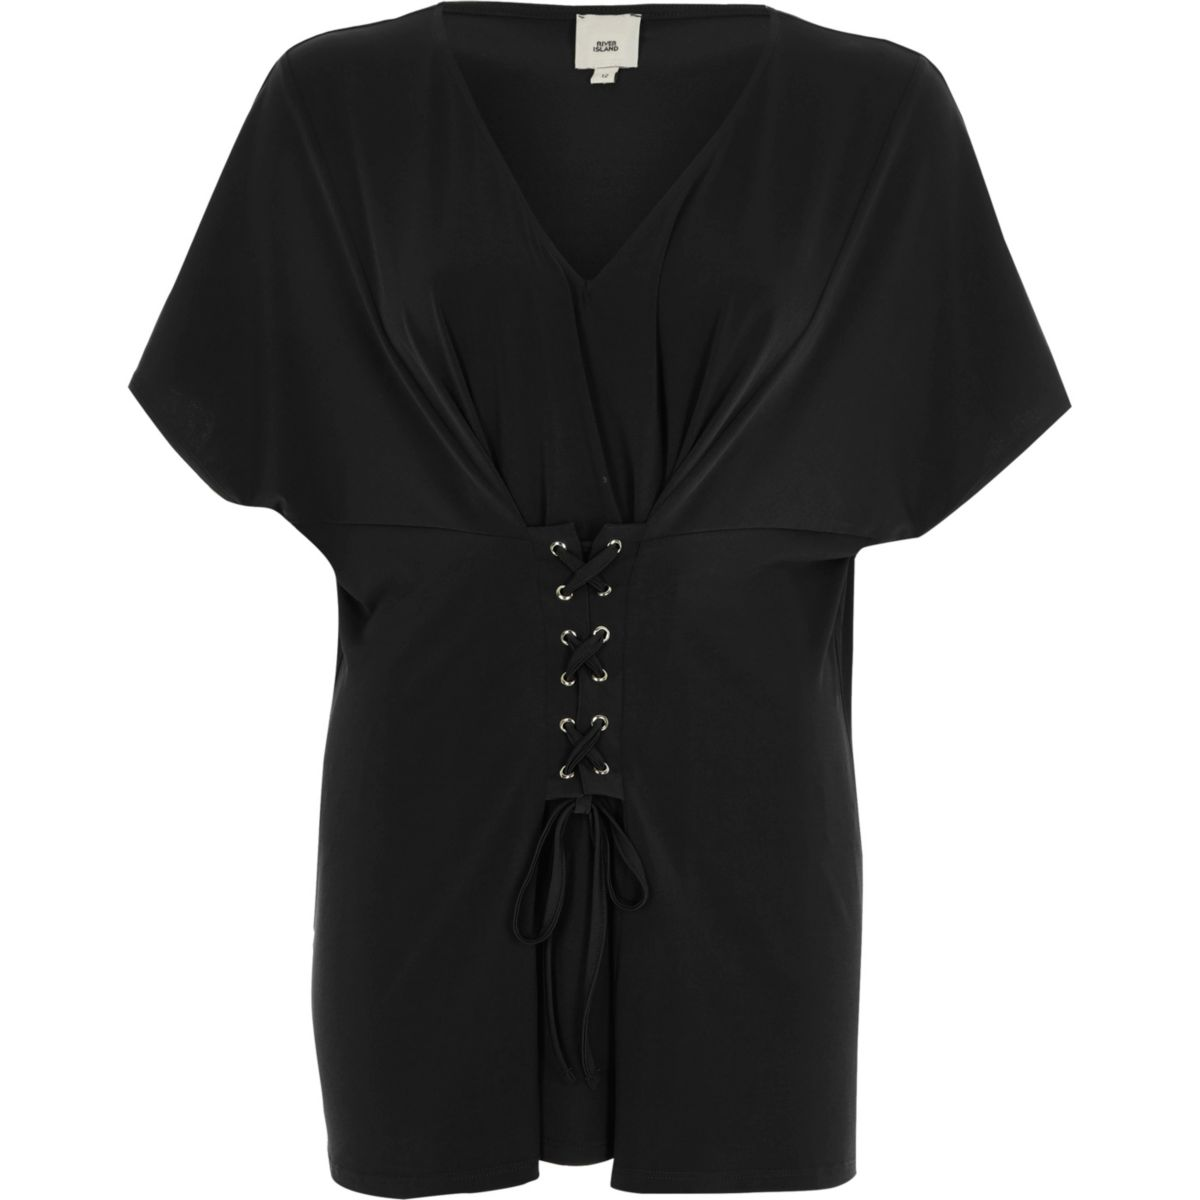 Black corset front V neck kaftan top